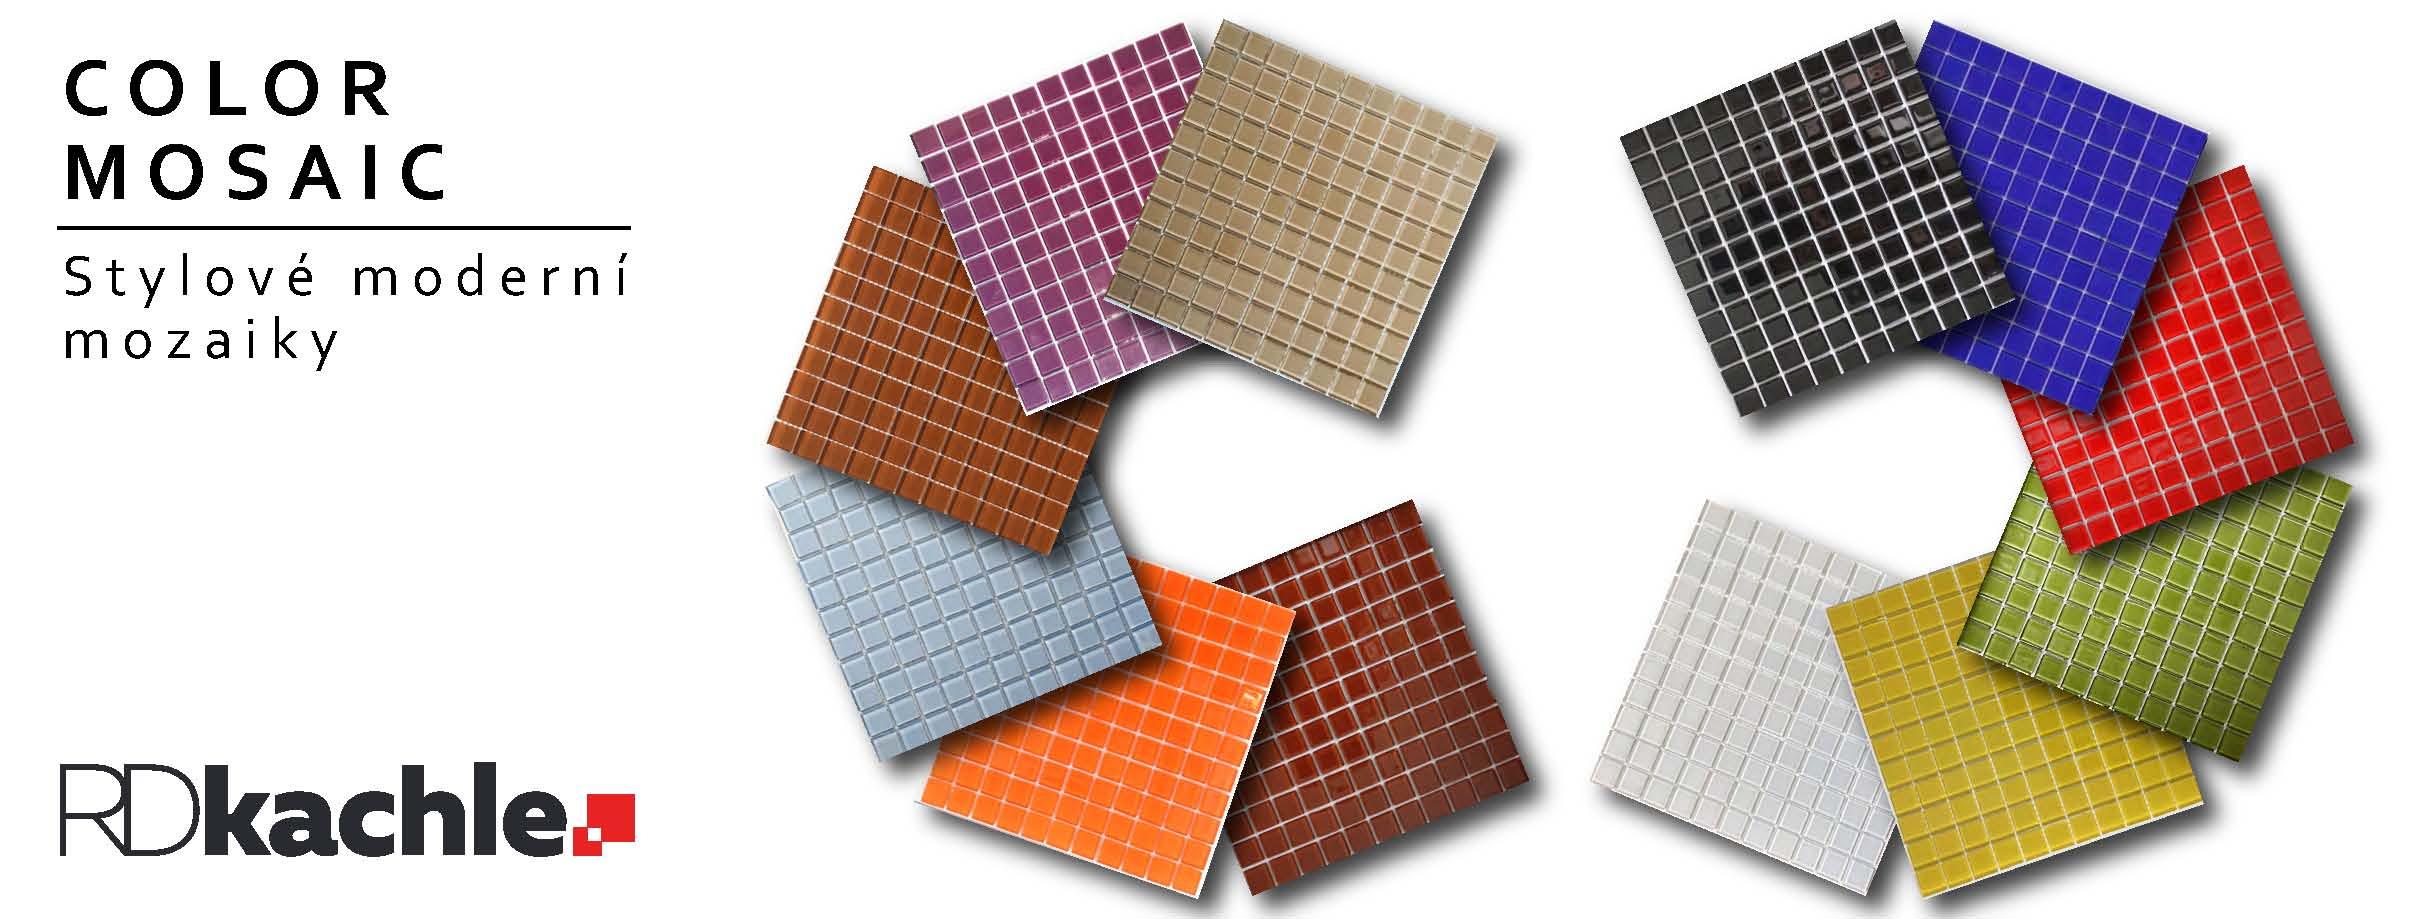 Mozaiky kusový prodej